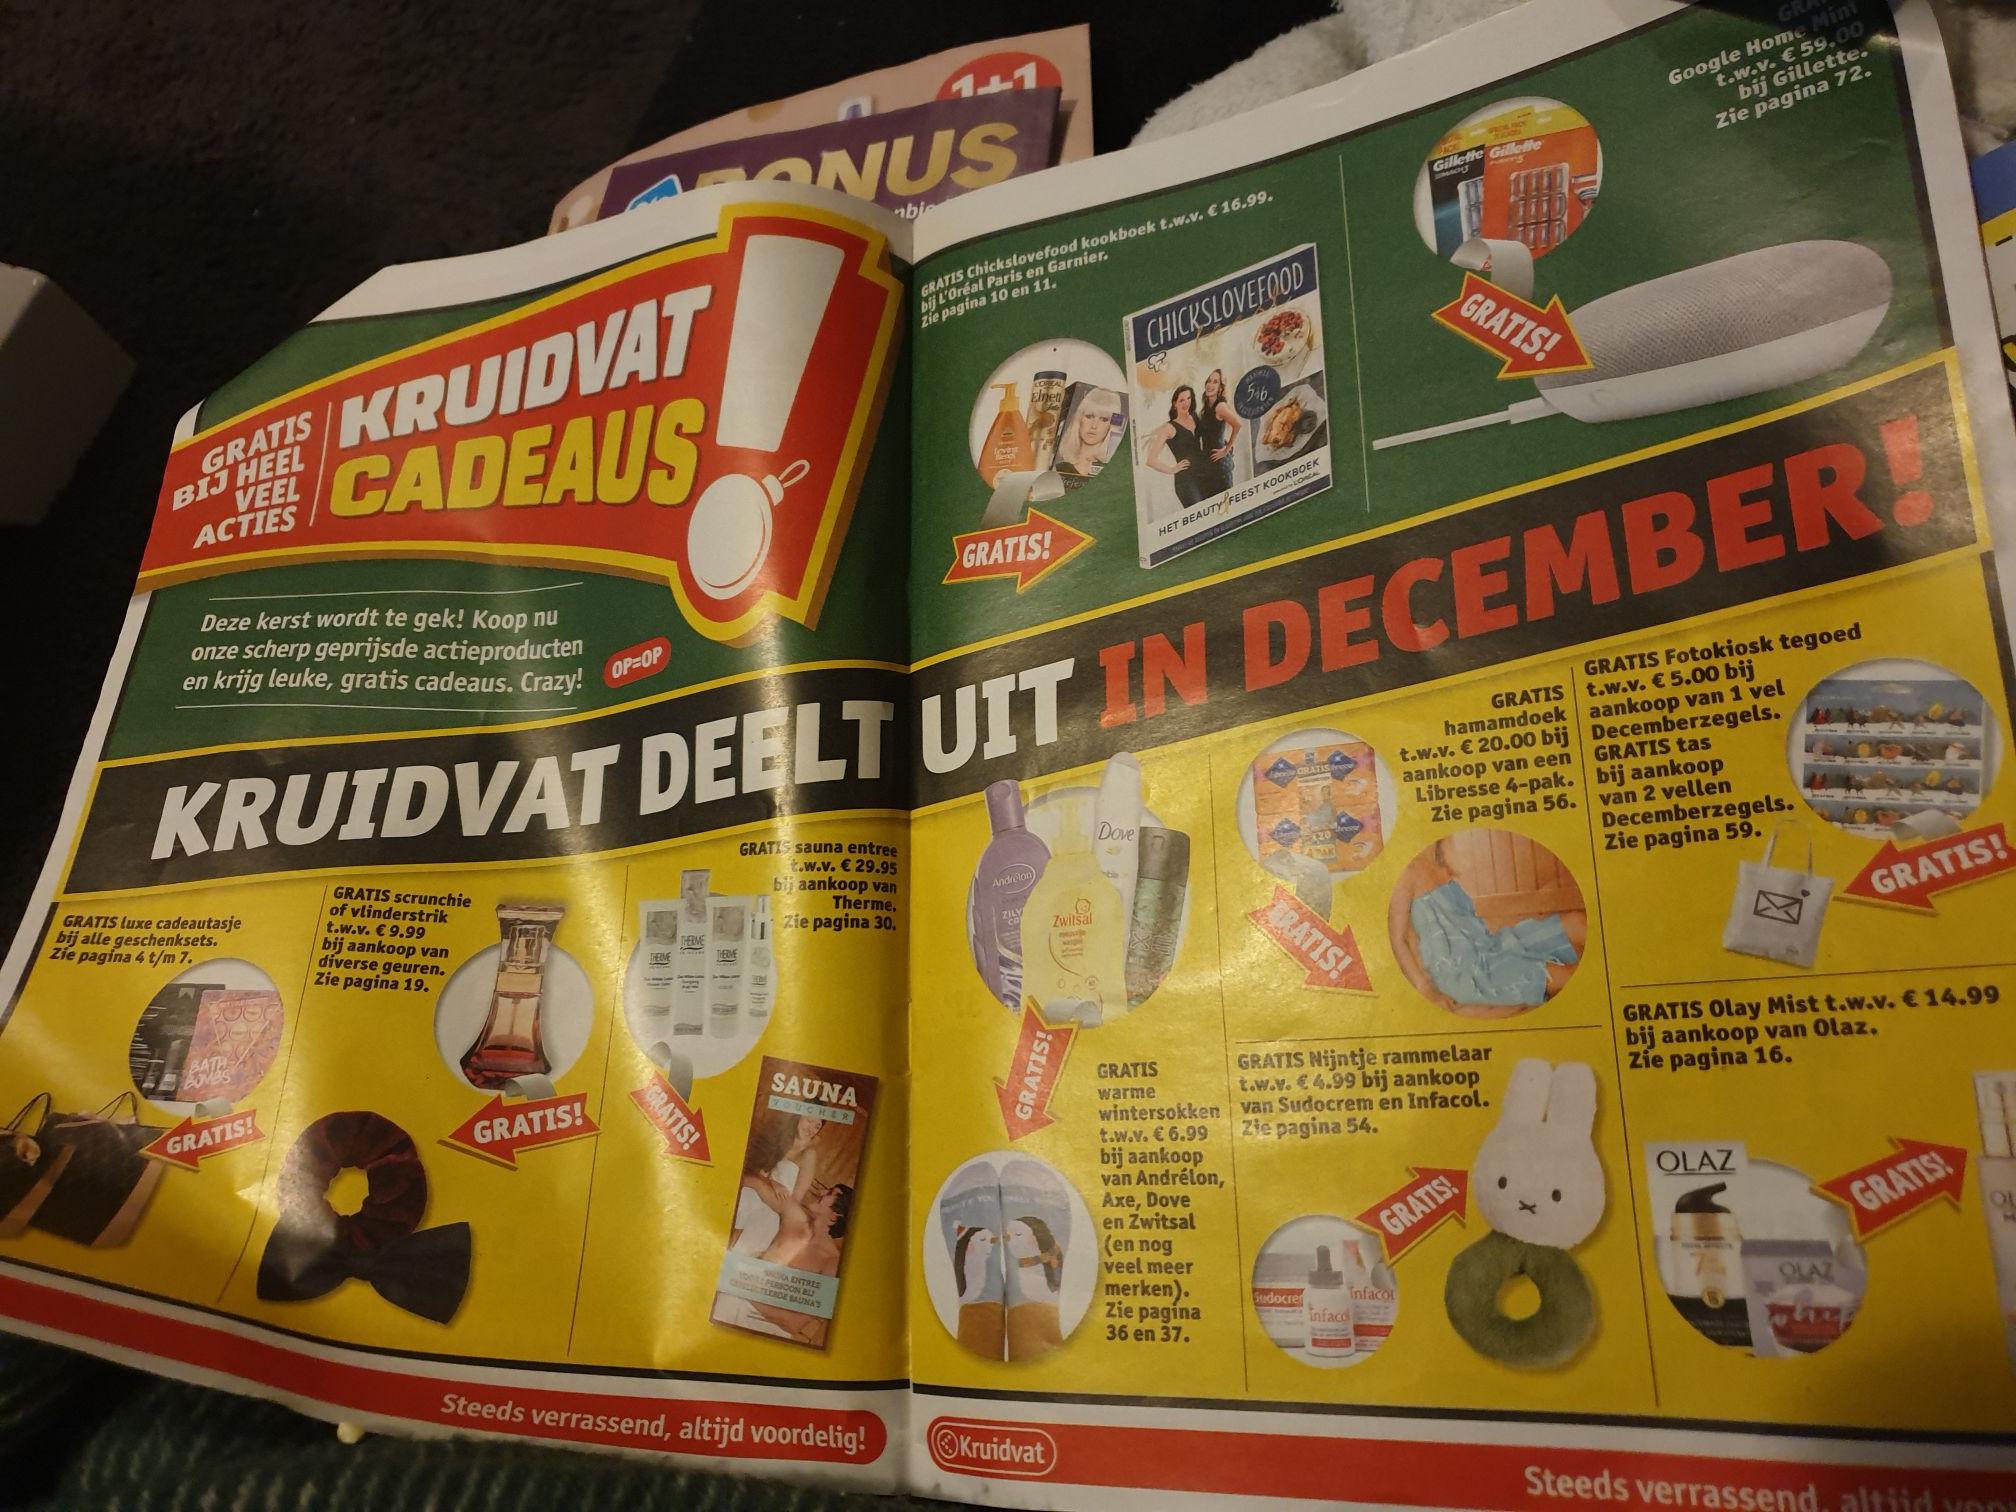 Kruidvat deelt uit in december vanaf dinsdag